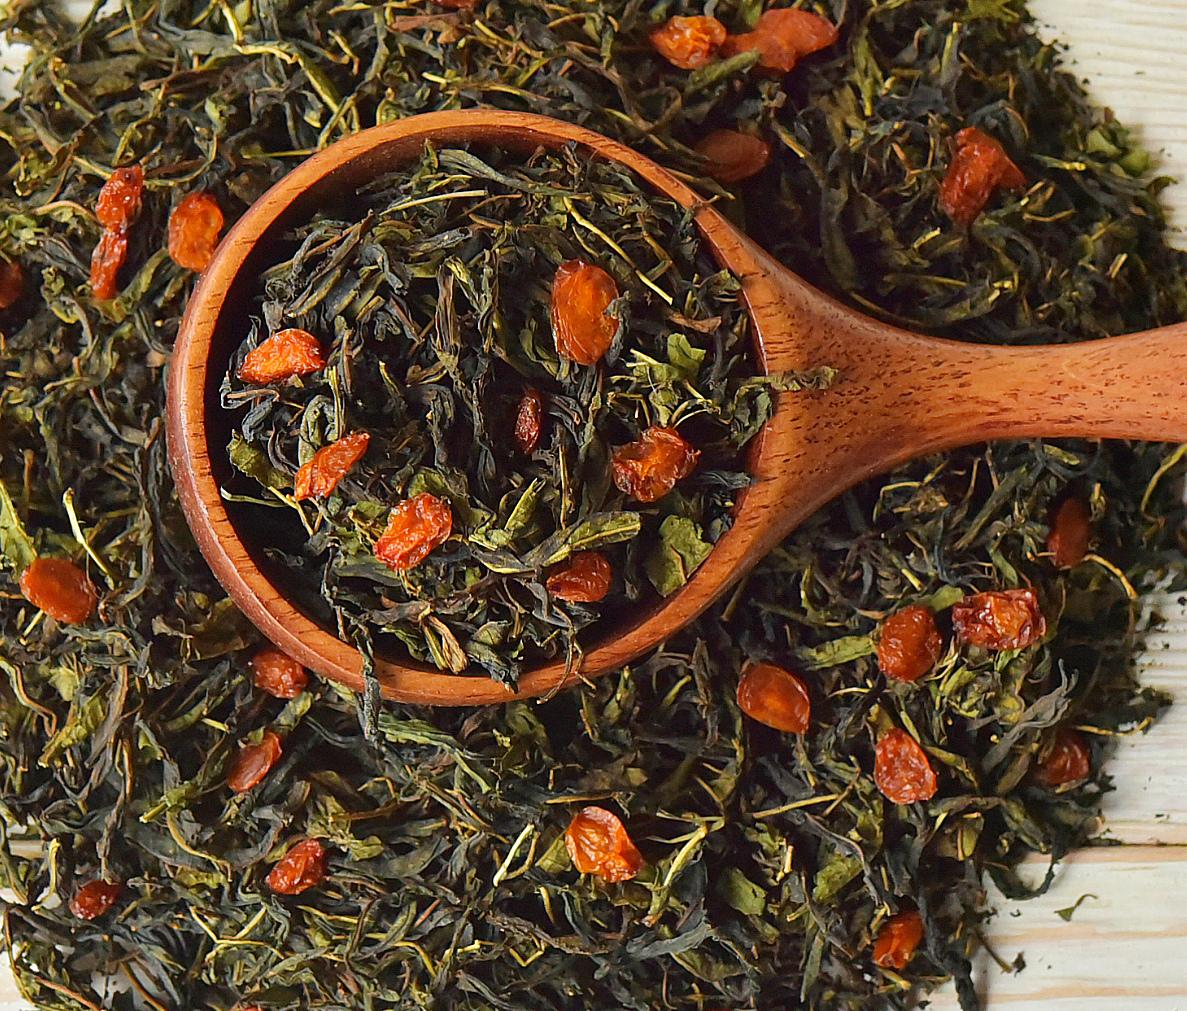 ароматный и полезный чай из трав